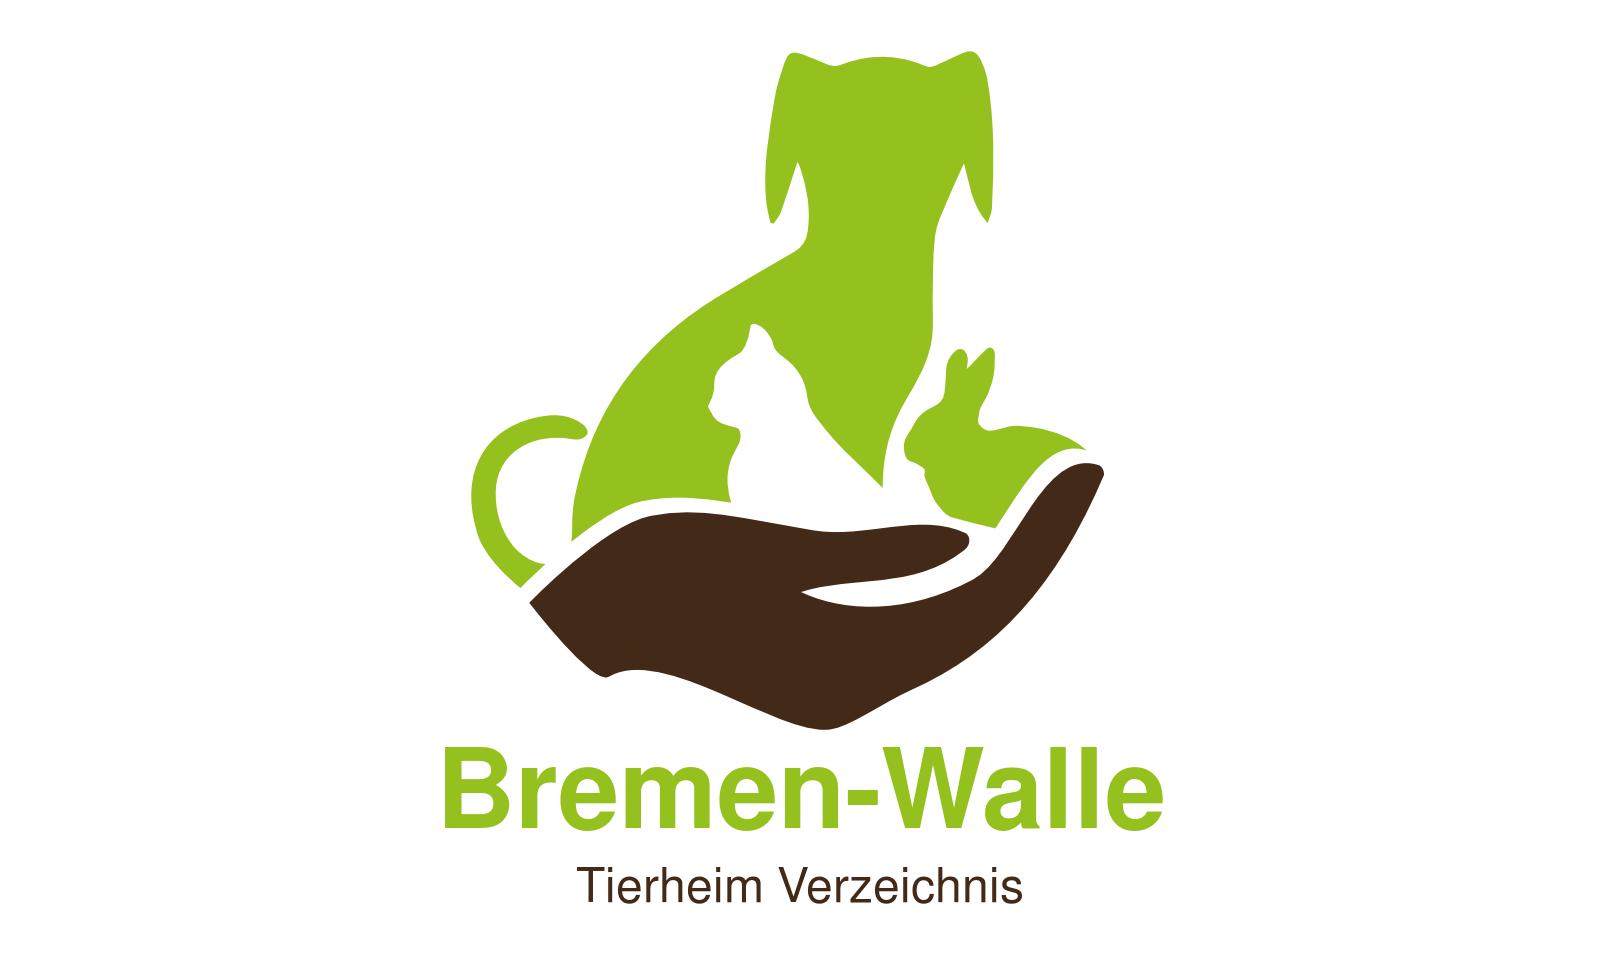 Tierheim Bremen Walle